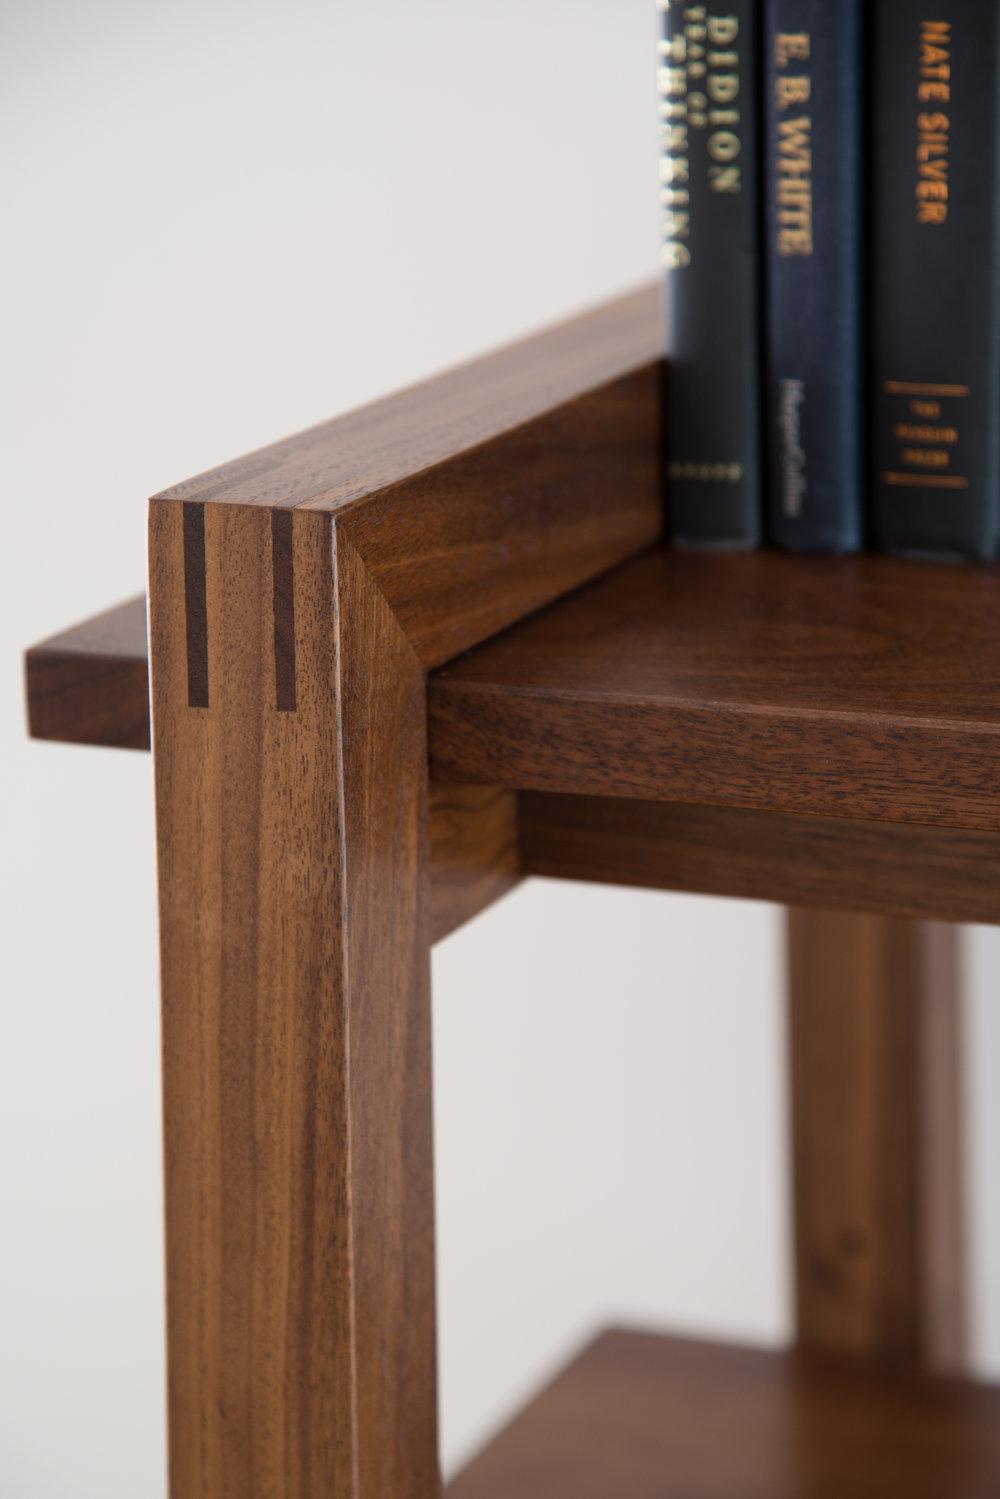 > Detail of Bookshelf joinery.